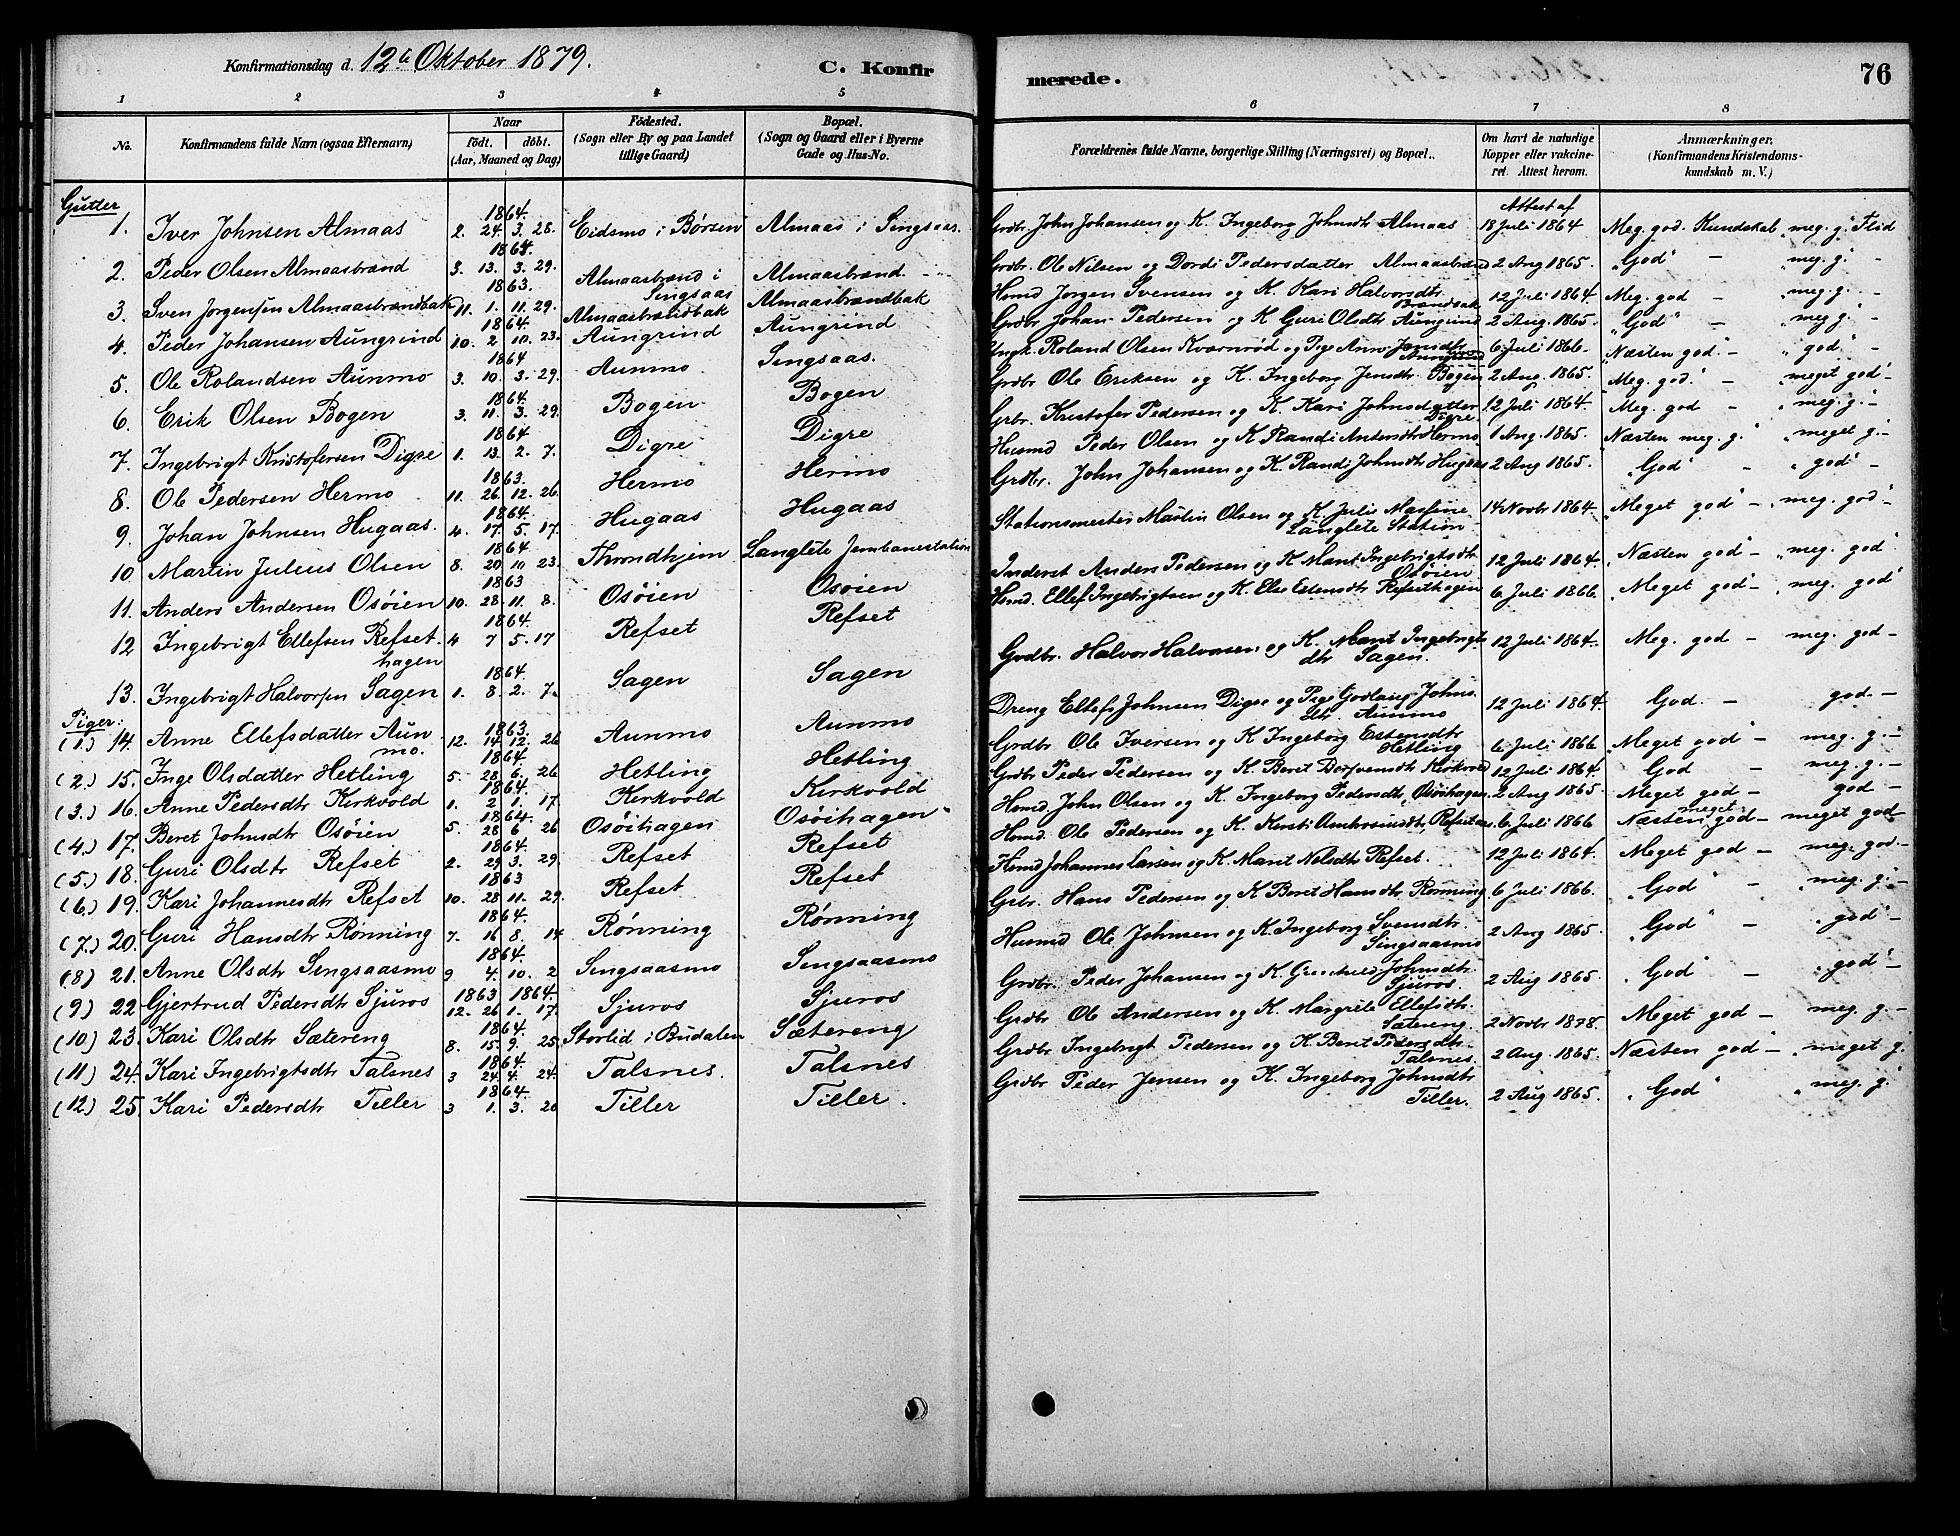 SAT, Ministerialprotokoller, klokkerbøker og fødselsregistre - Sør-Trøndelag, 688/L1024: Ministerialbok nr. 688A01, 1879-1890, s. 76